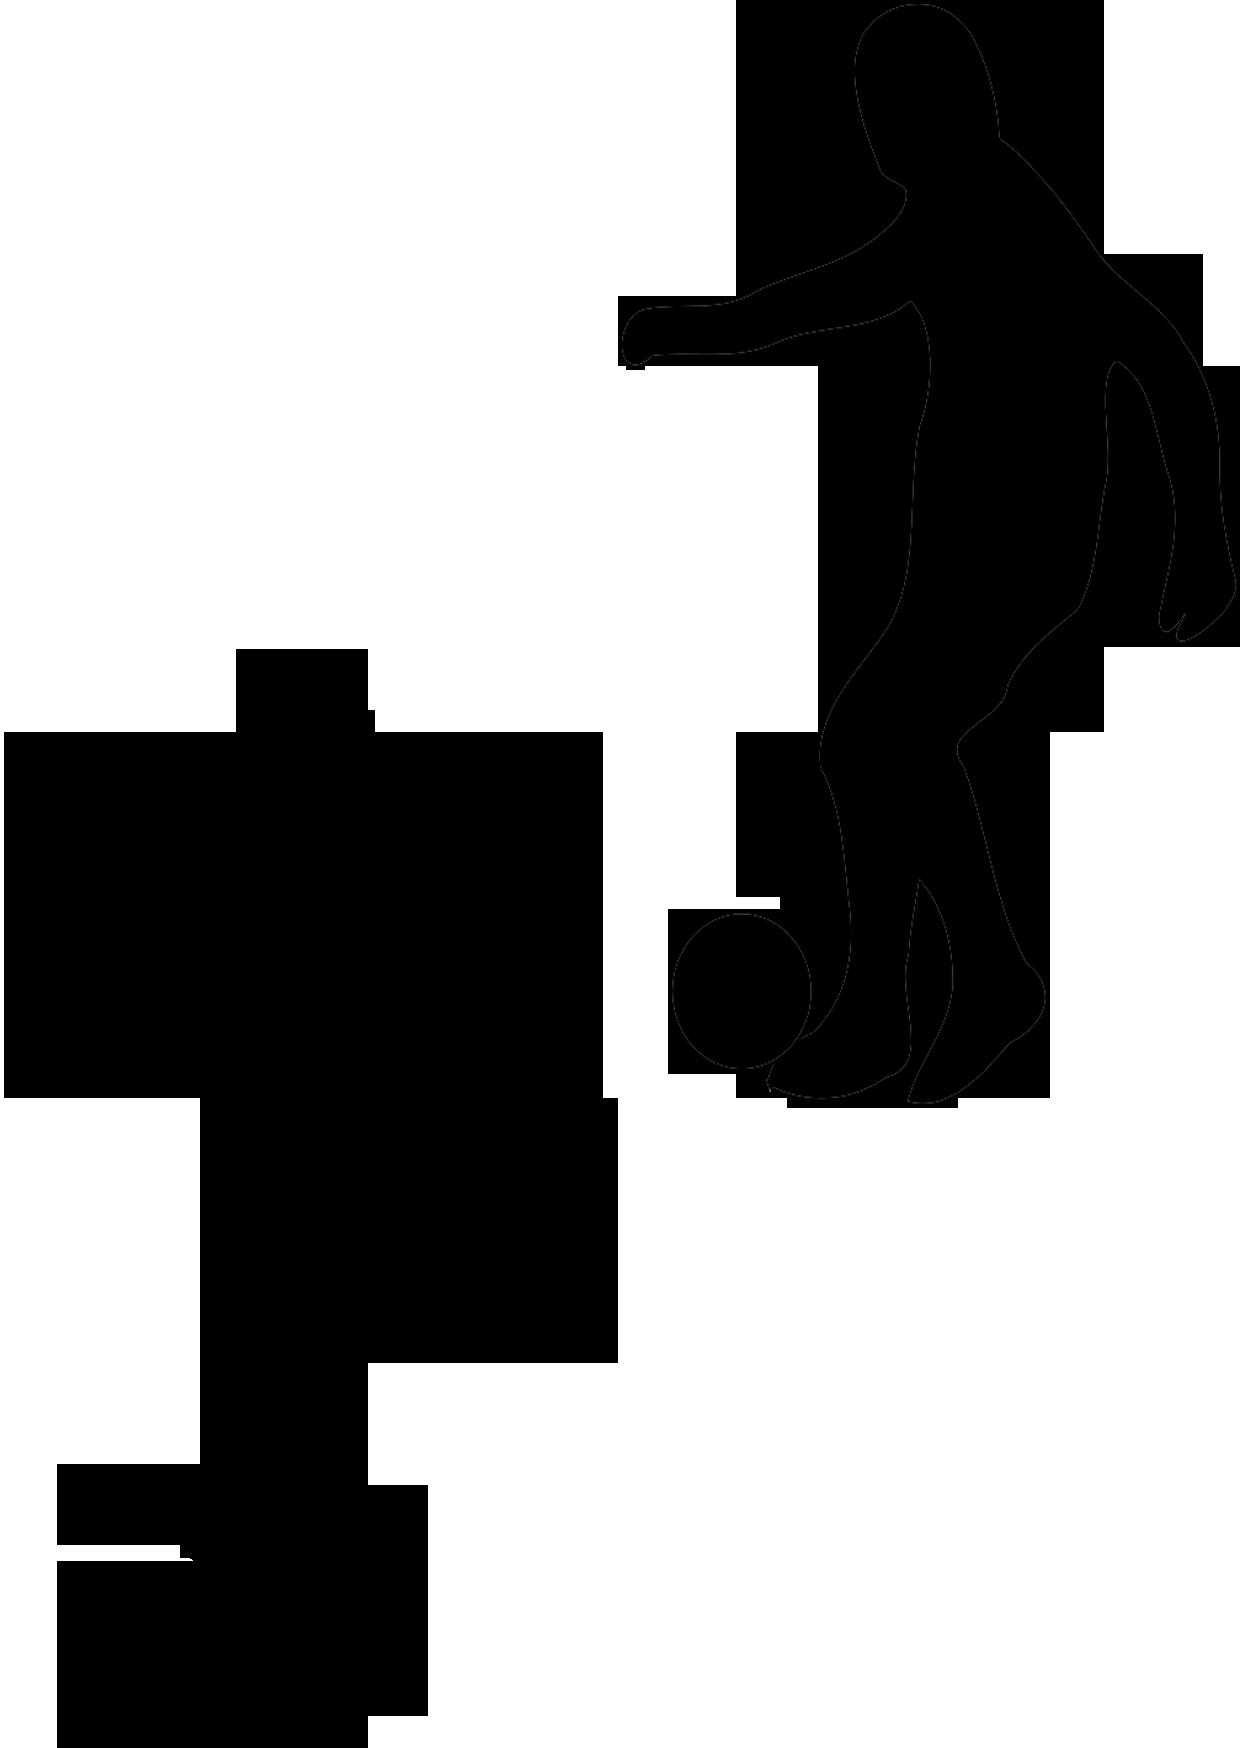 kostenlose malvorlagen  scherenschnitte fußball